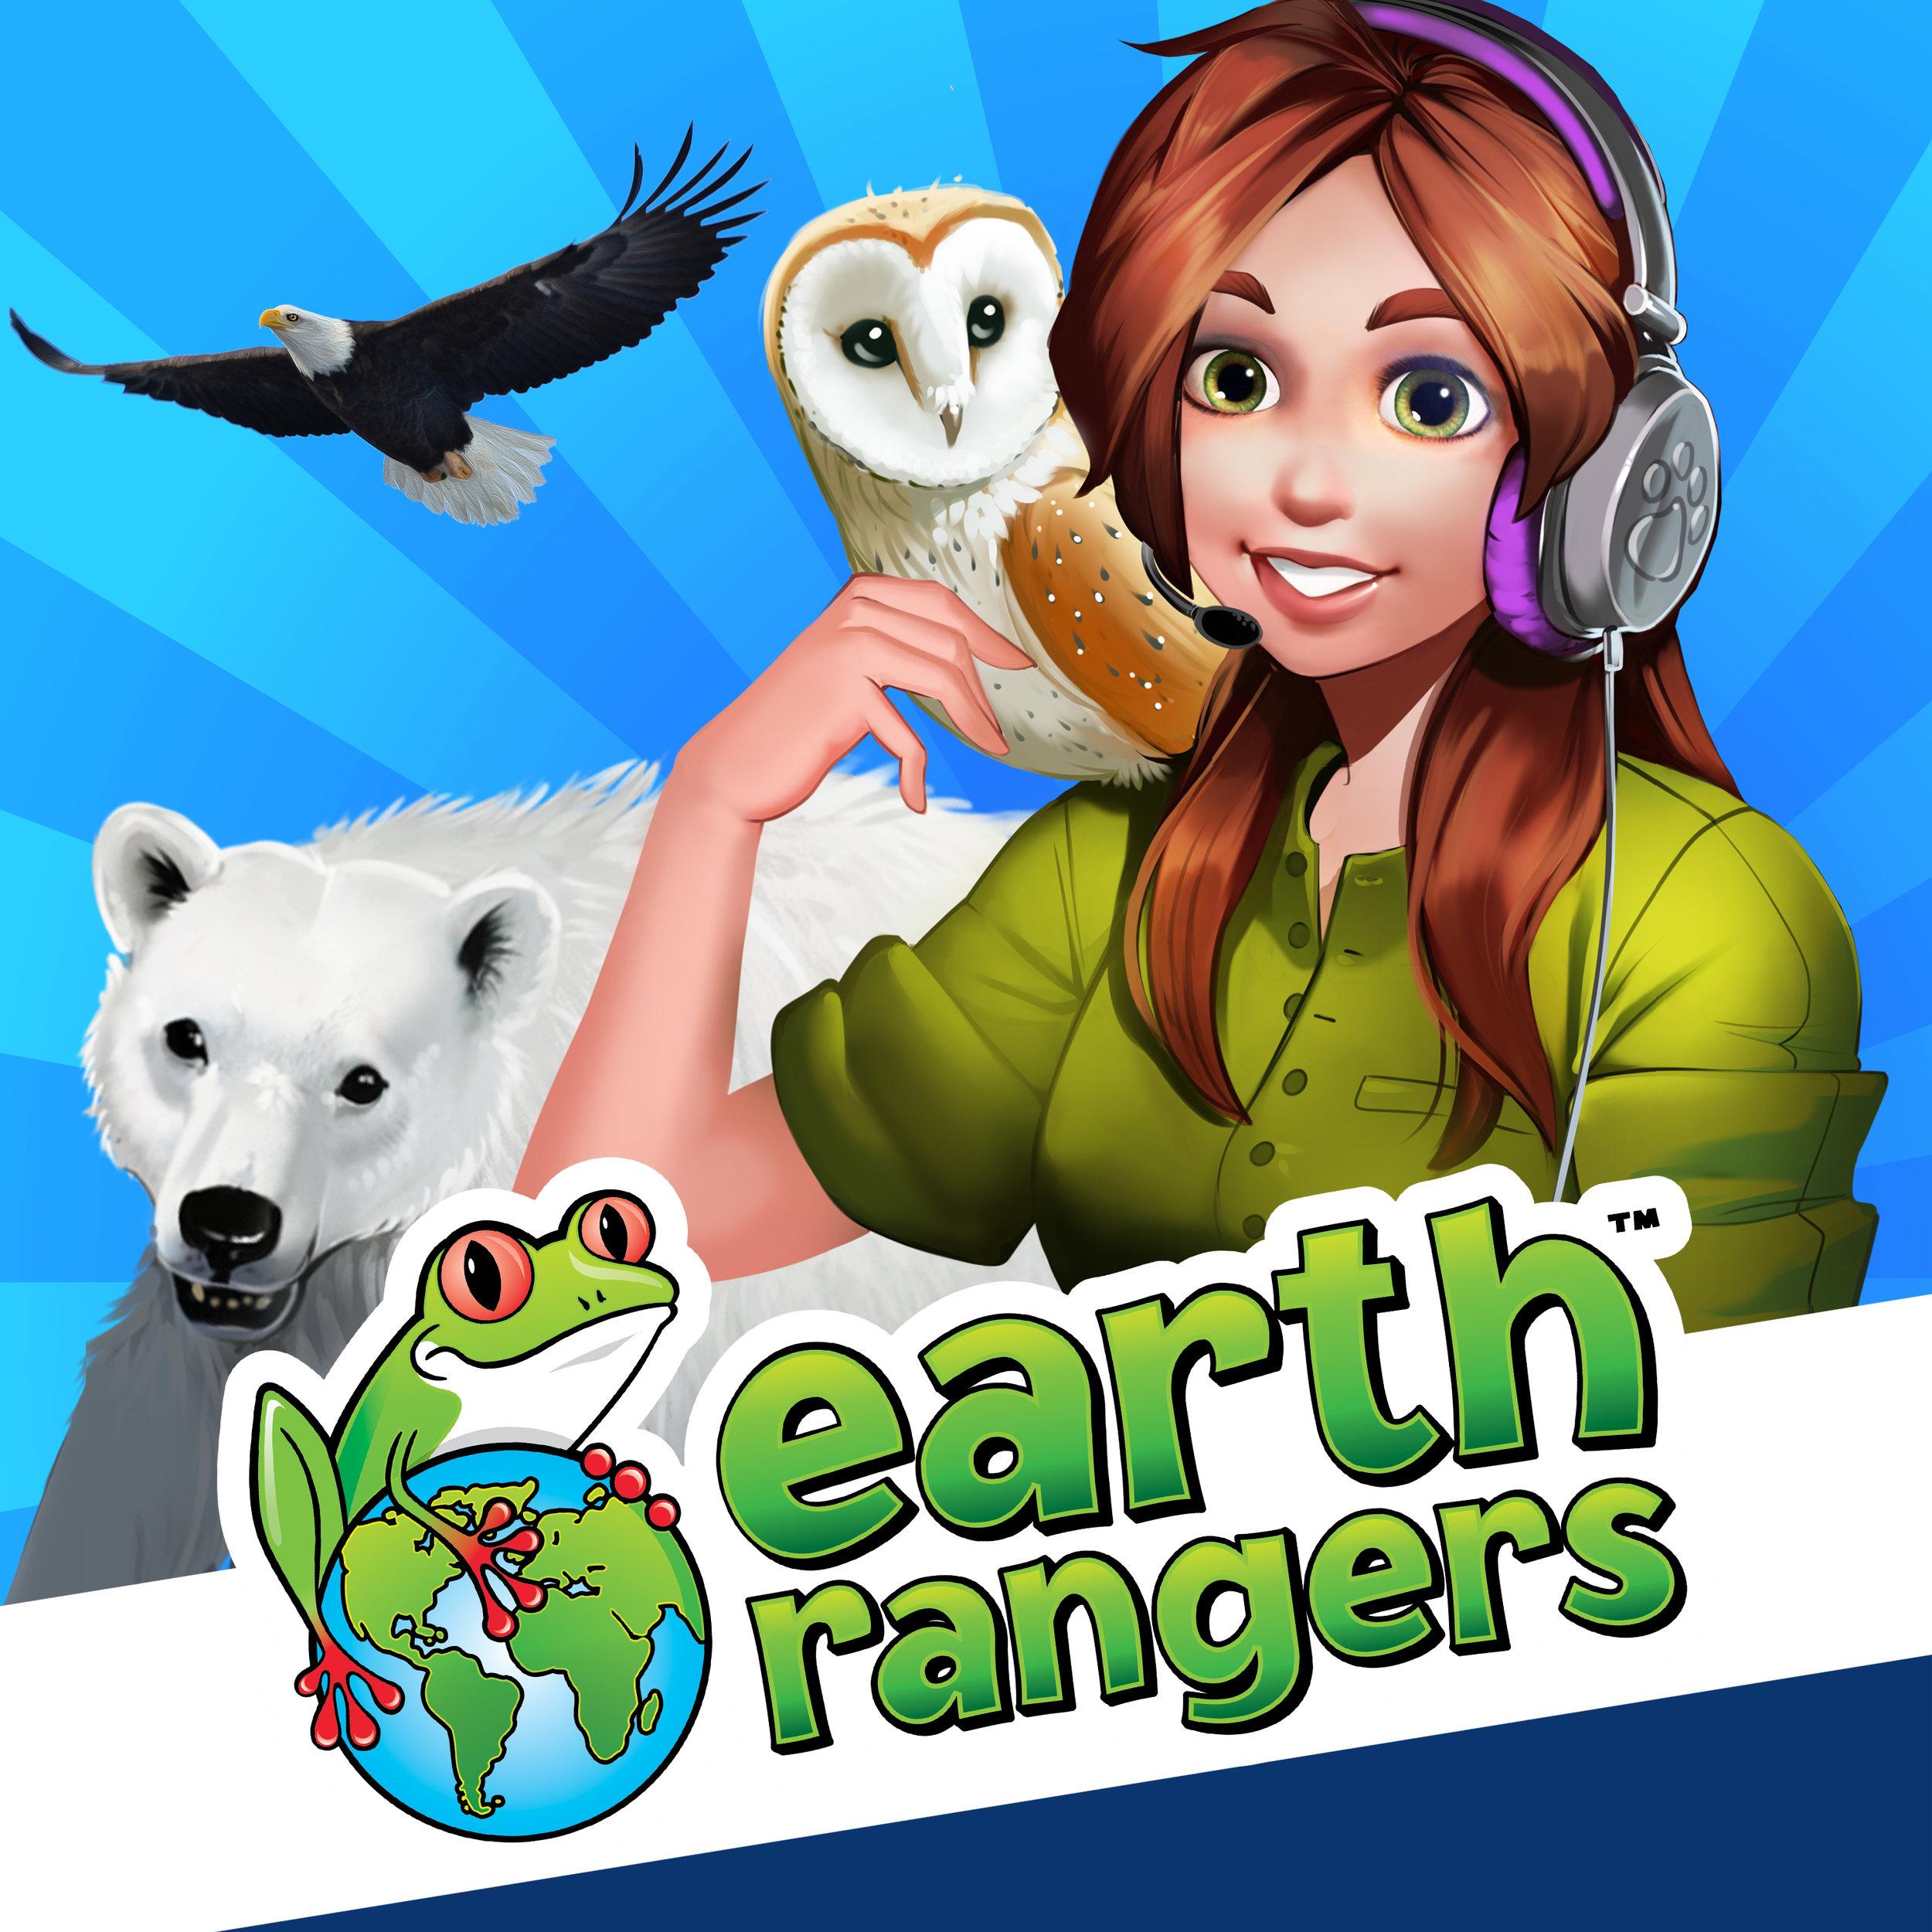 Earthrangers season 2 logo 3000px.jpg